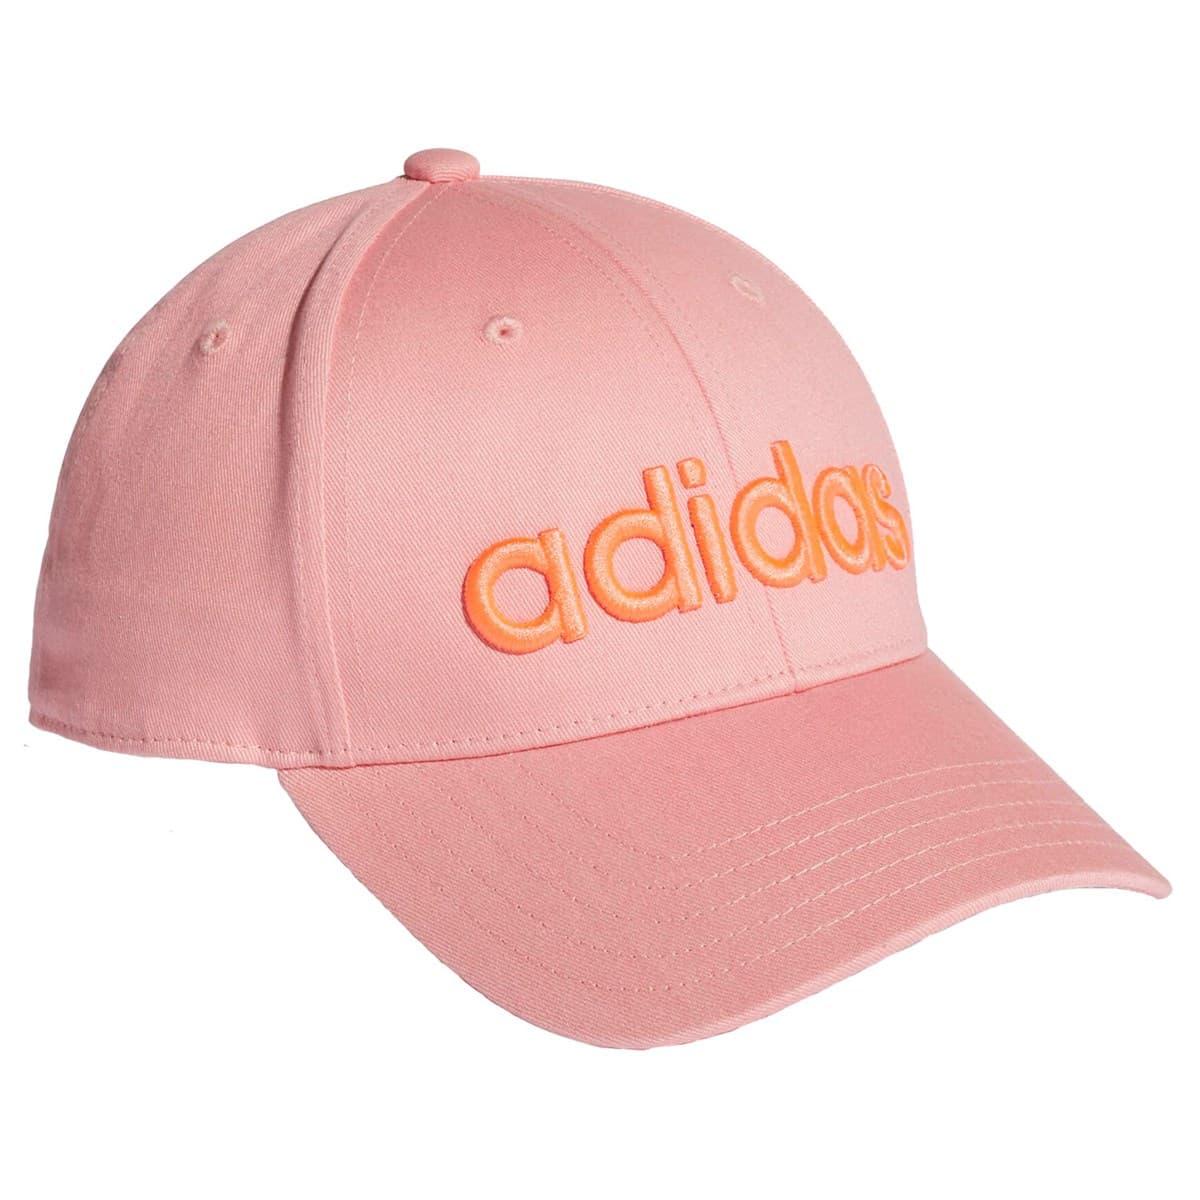 Embroidered Pembe Beyazbol Şapkası